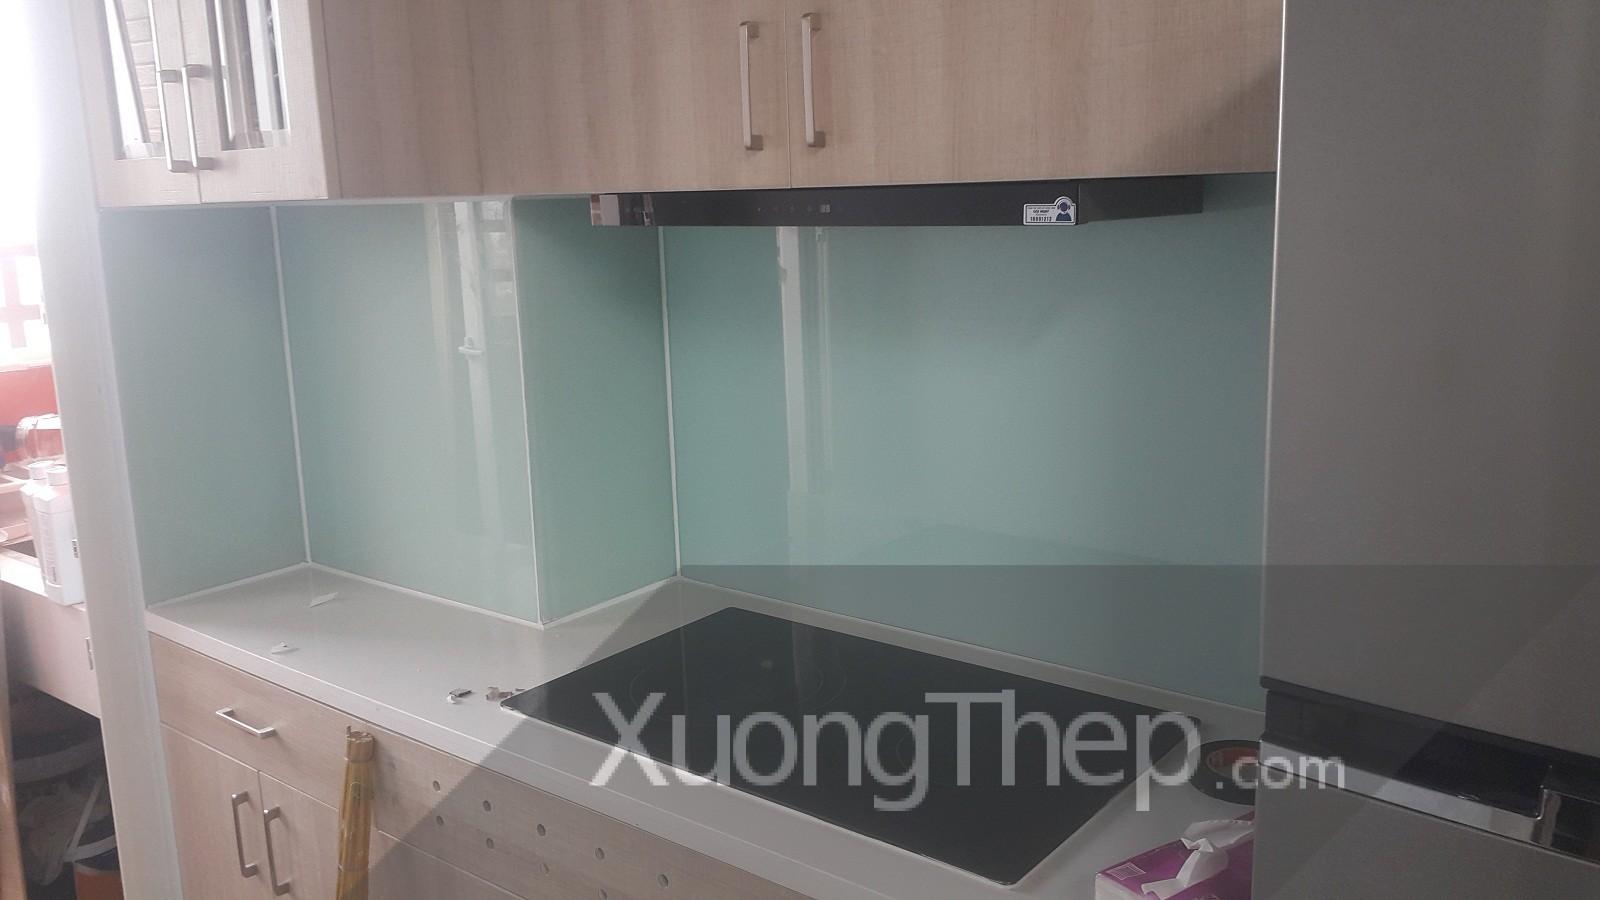 thi công kính cường lực sơn nhiệt màu trắng cho nhà bếp.